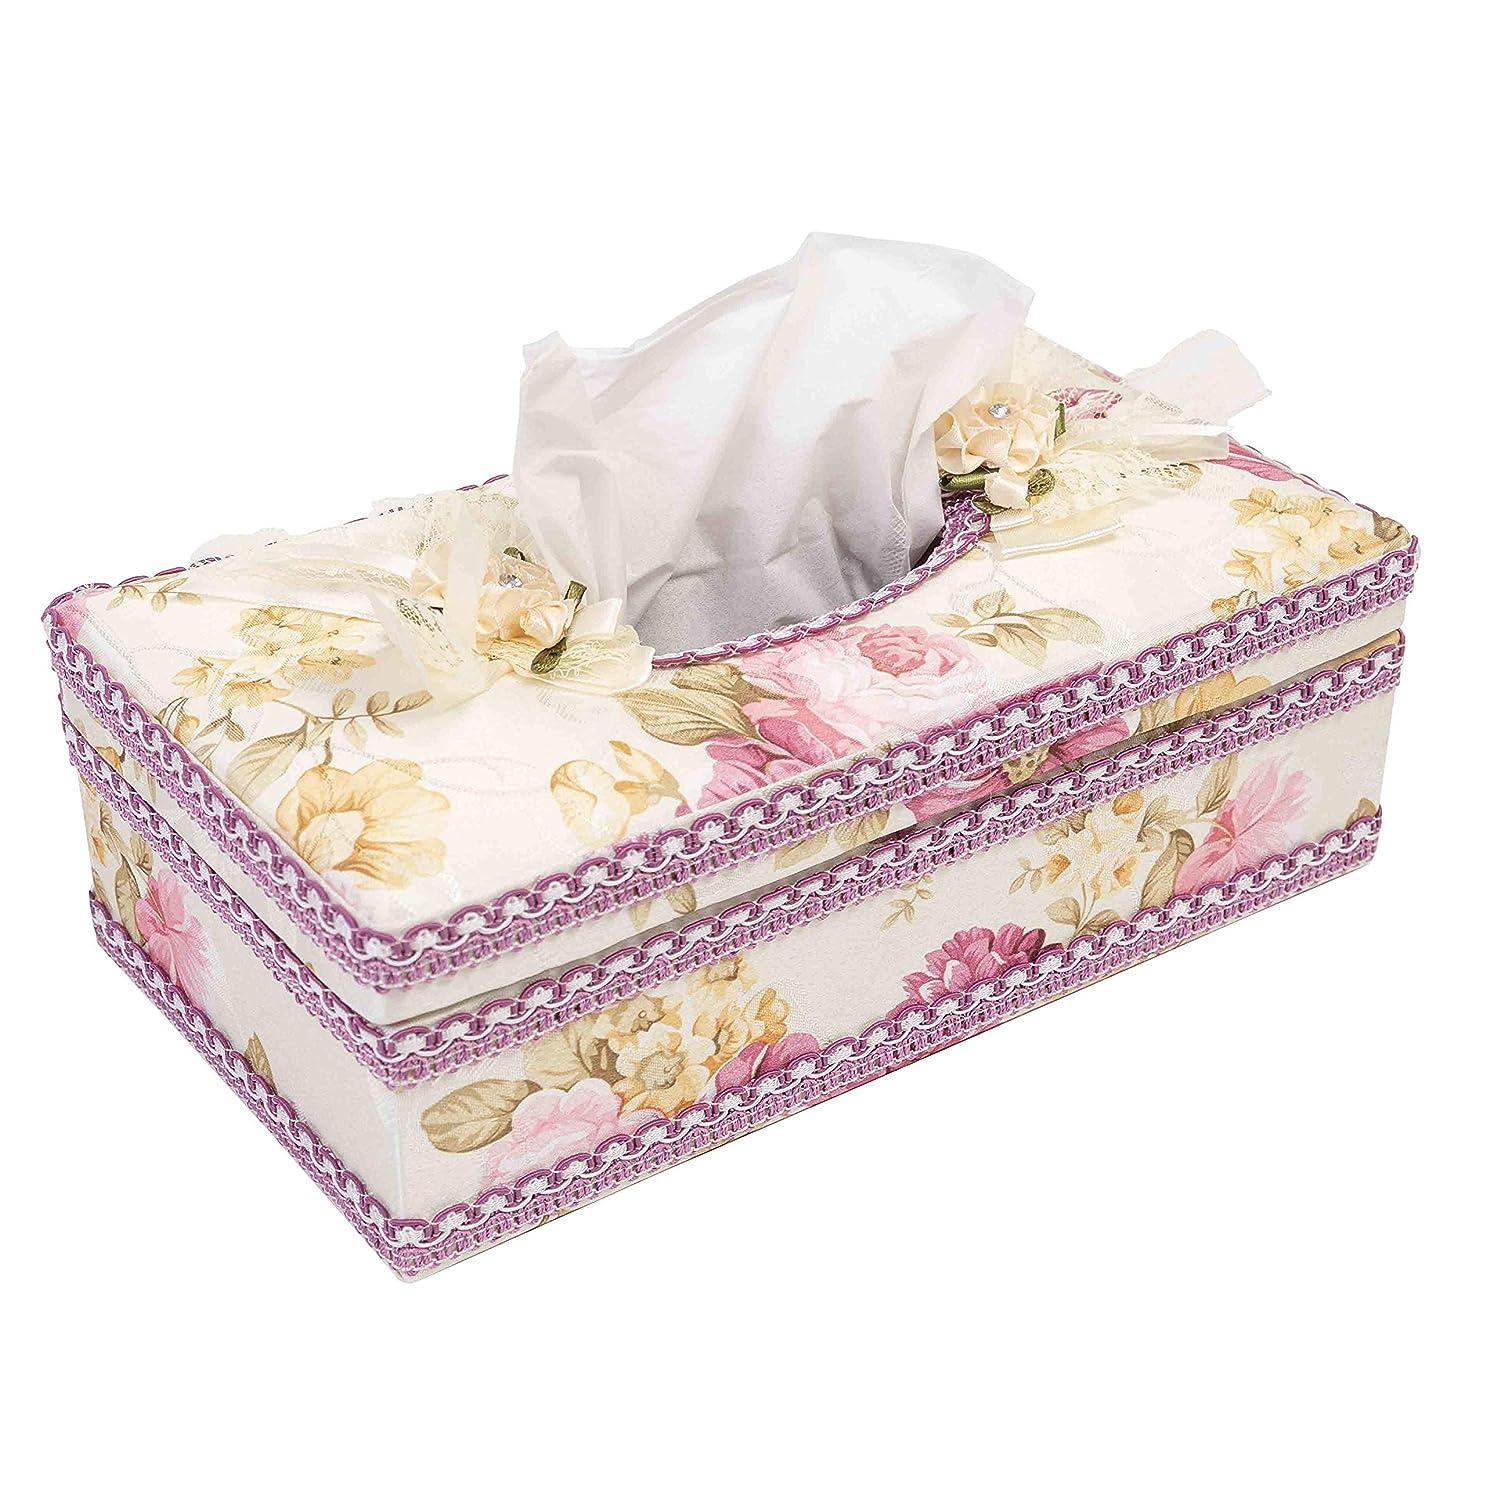 ロータリー見捨てられた到着する花柄 ティッシュケース エレガント ティッシュボックス インテリア 収納 ケース (パープル タイプ)